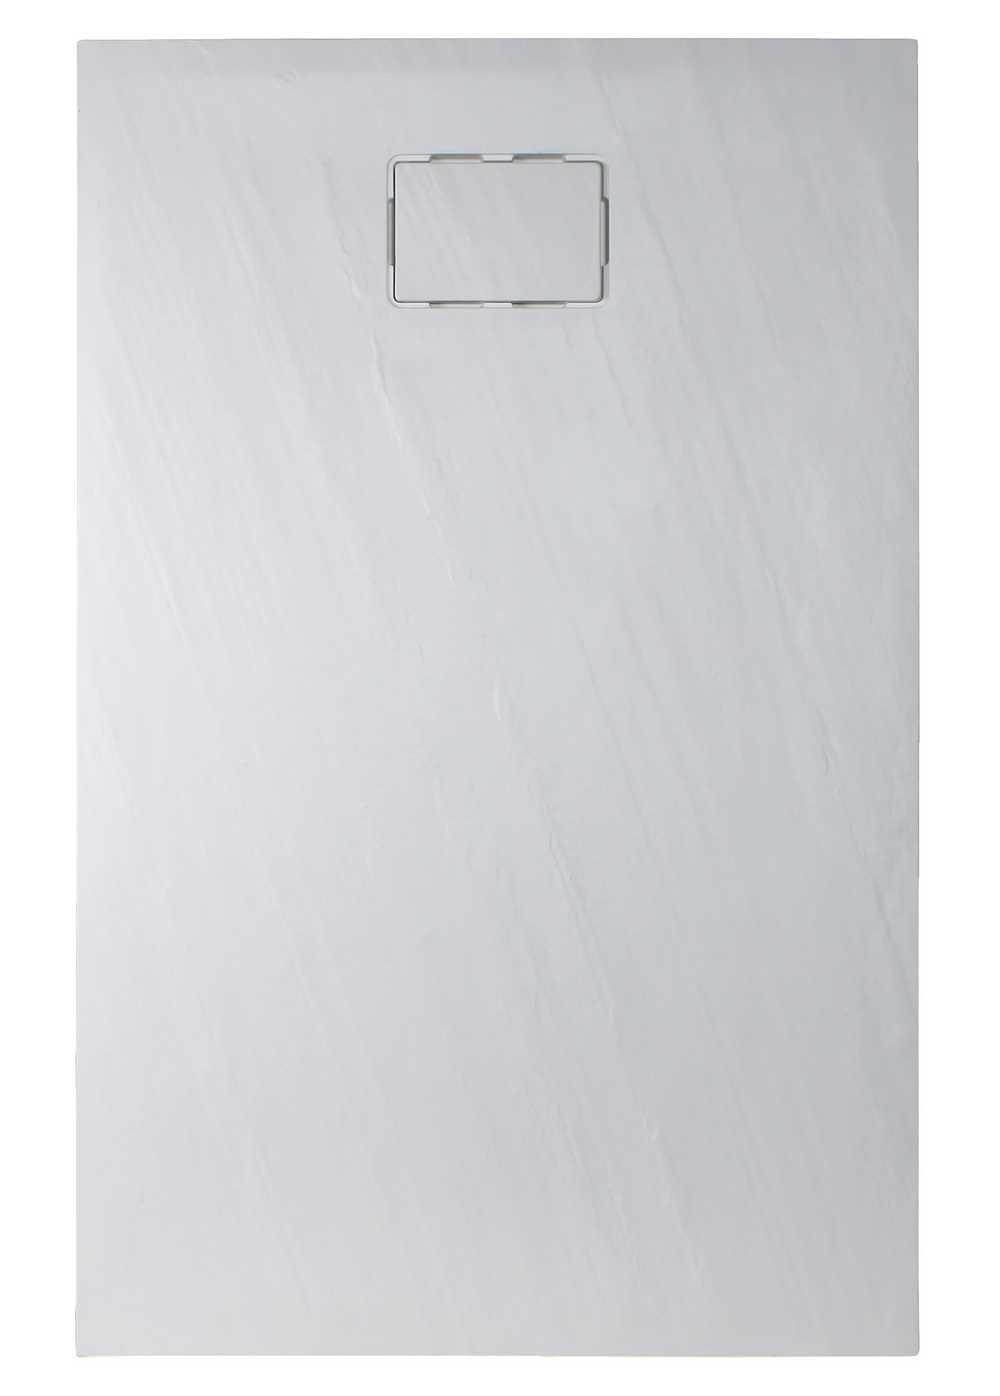 ROCKSTONE RECHTHOEKIG Wit -  140 x 90 x 3,5 cm